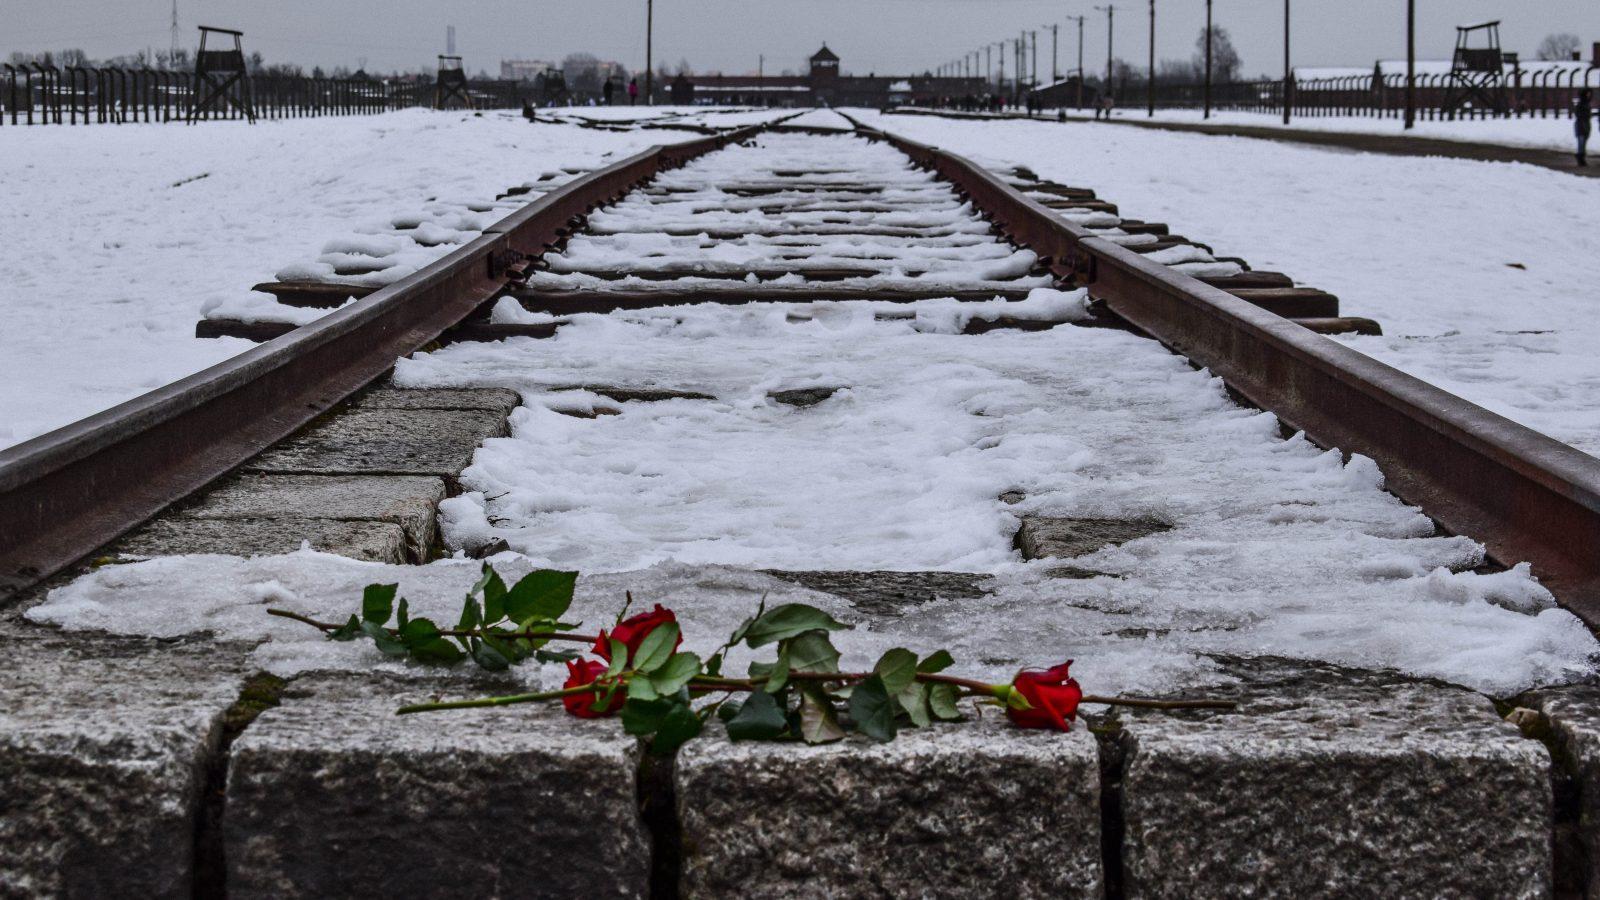 Roberto Dall'Olio: Poesia del giorno della memoria